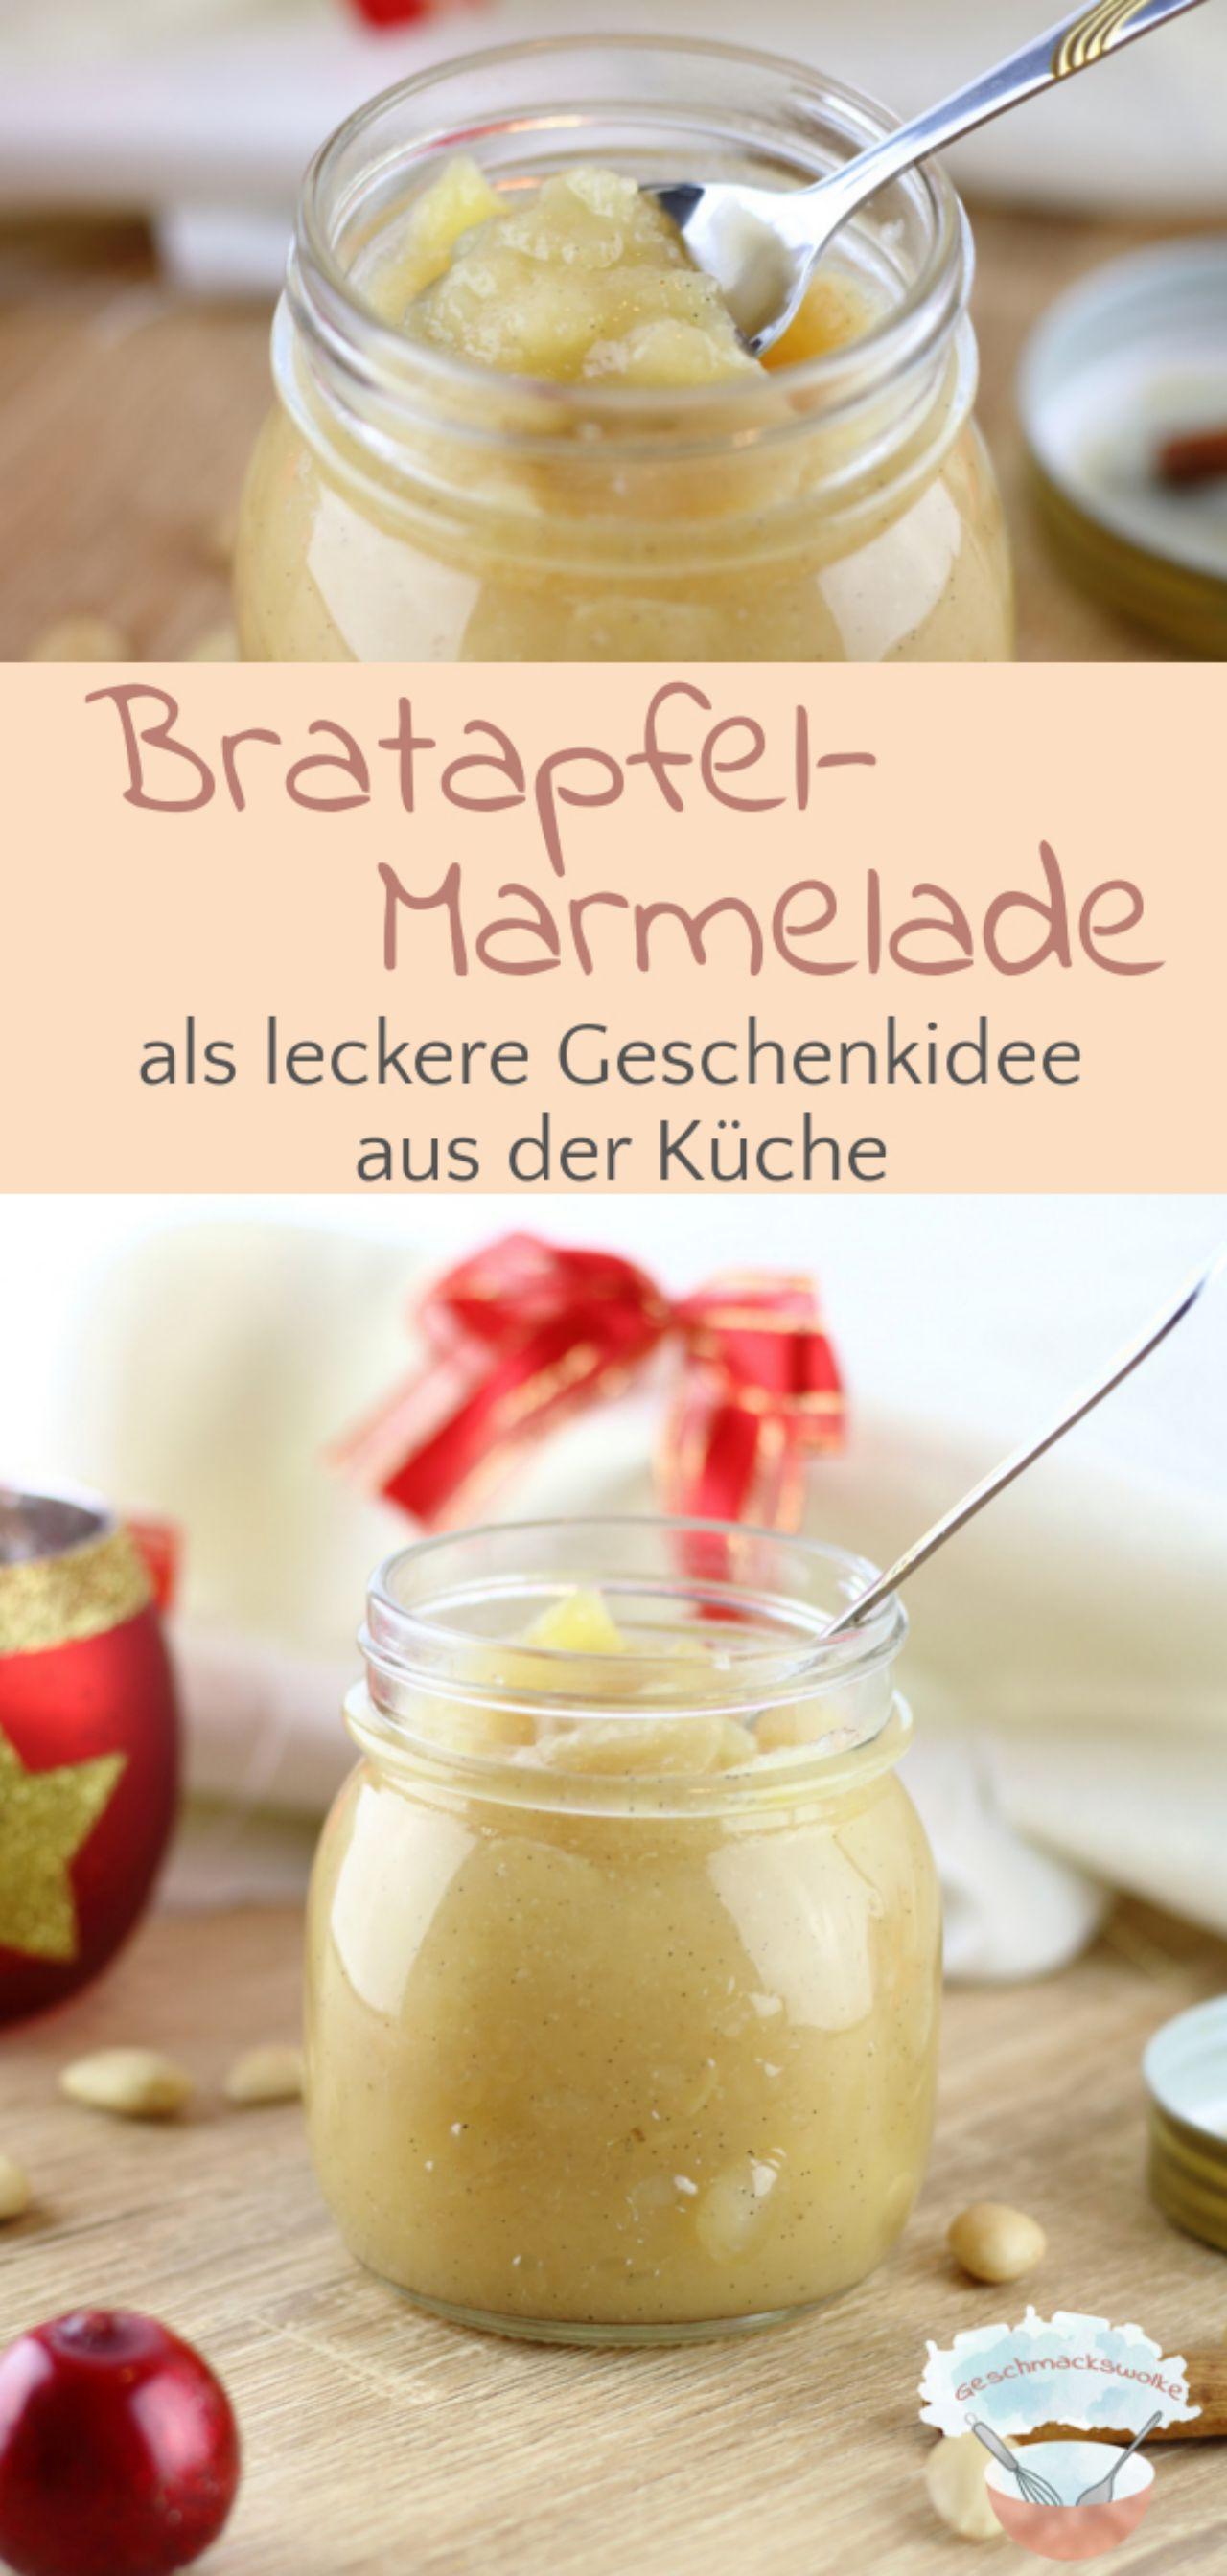 Winterliche Bratapfel-Marmelade als Geschenk aus der Küche - #bratapfelmarmelade #bratapfel #marmelade #apfelaufstrich #küchengeschenk #frühstück #winterrezept